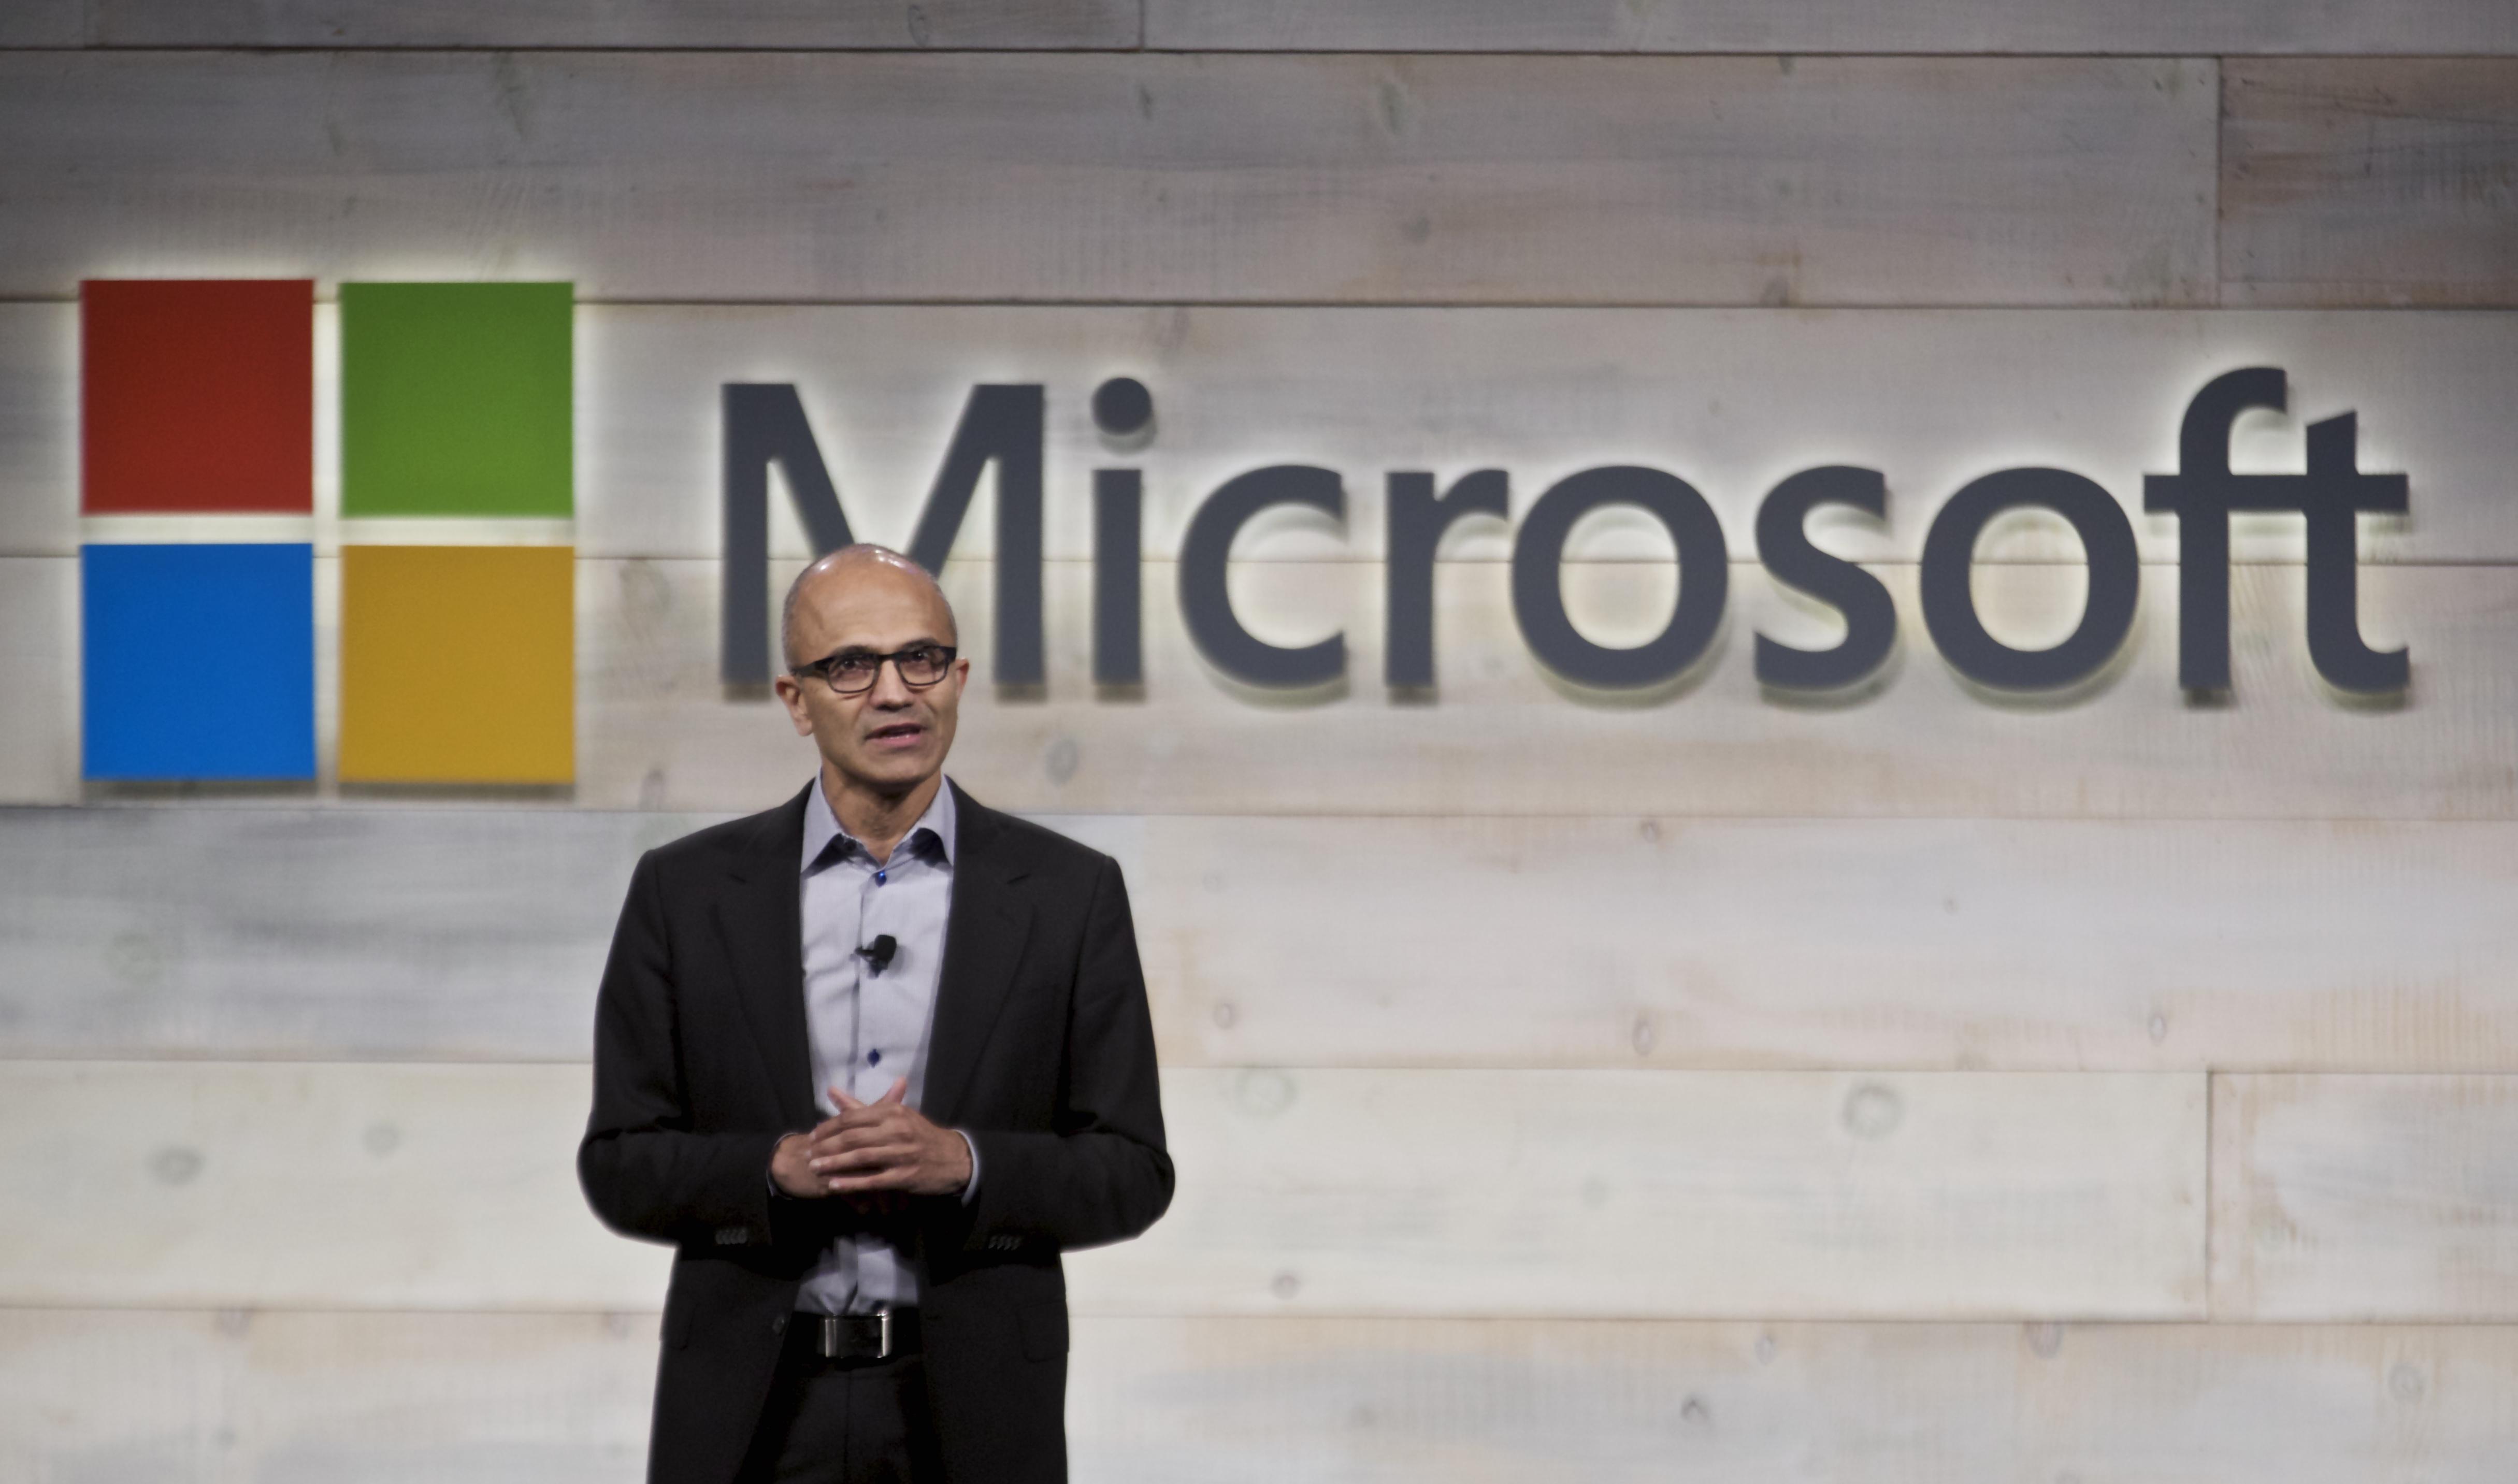 Microsoft CEO Satya Nadella addresses shareholders during Microsoft Shareholders Meeting December 3, 2014 in Bellevue, Washington.